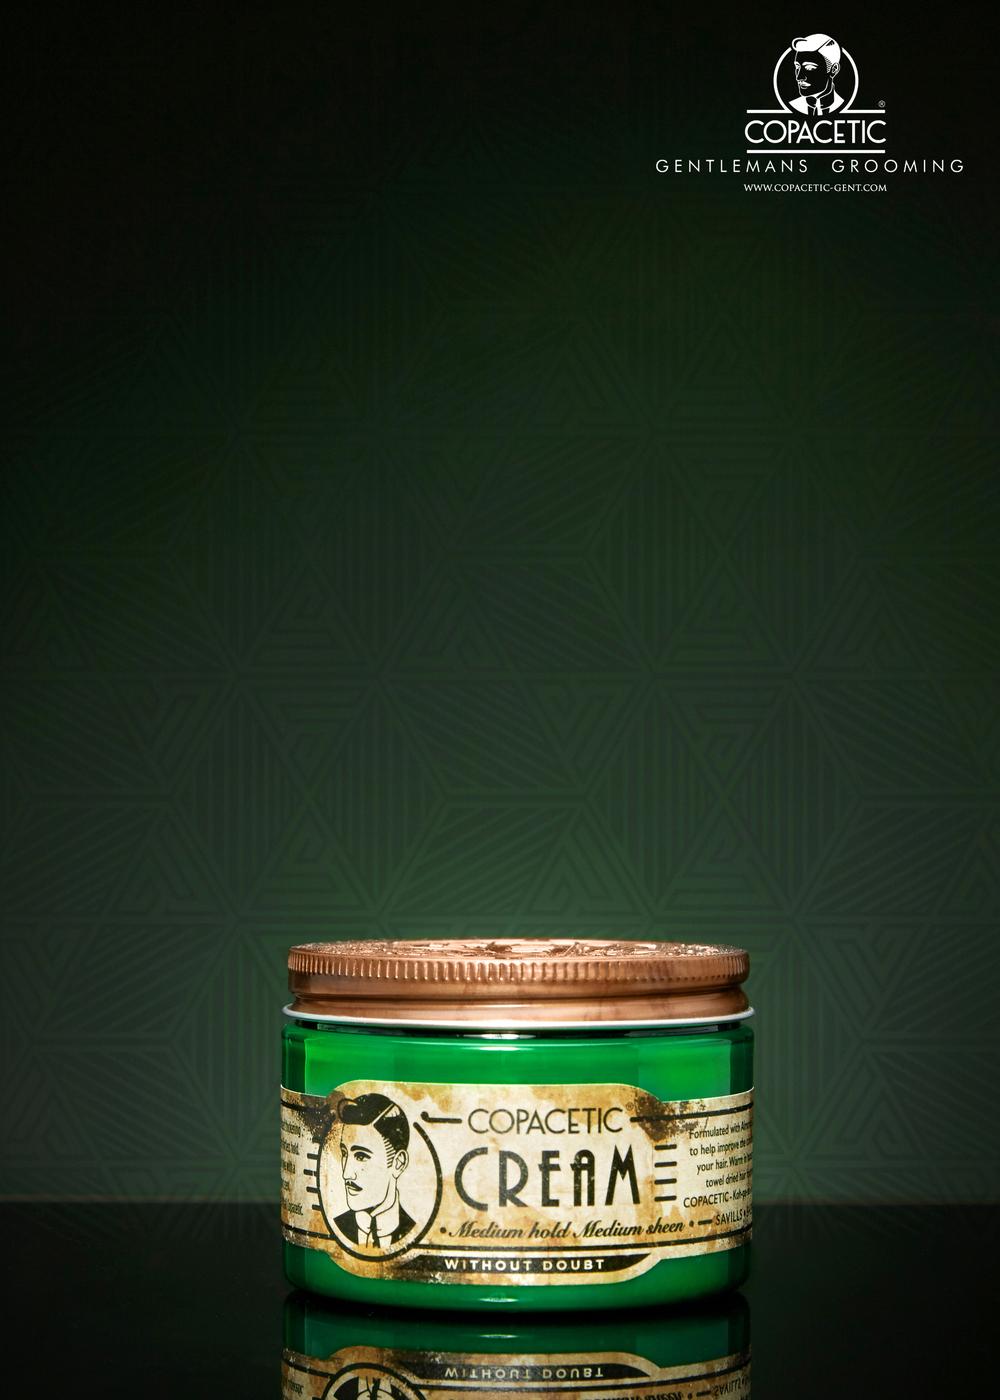 Copacetic-Product-Cream-2.jpg